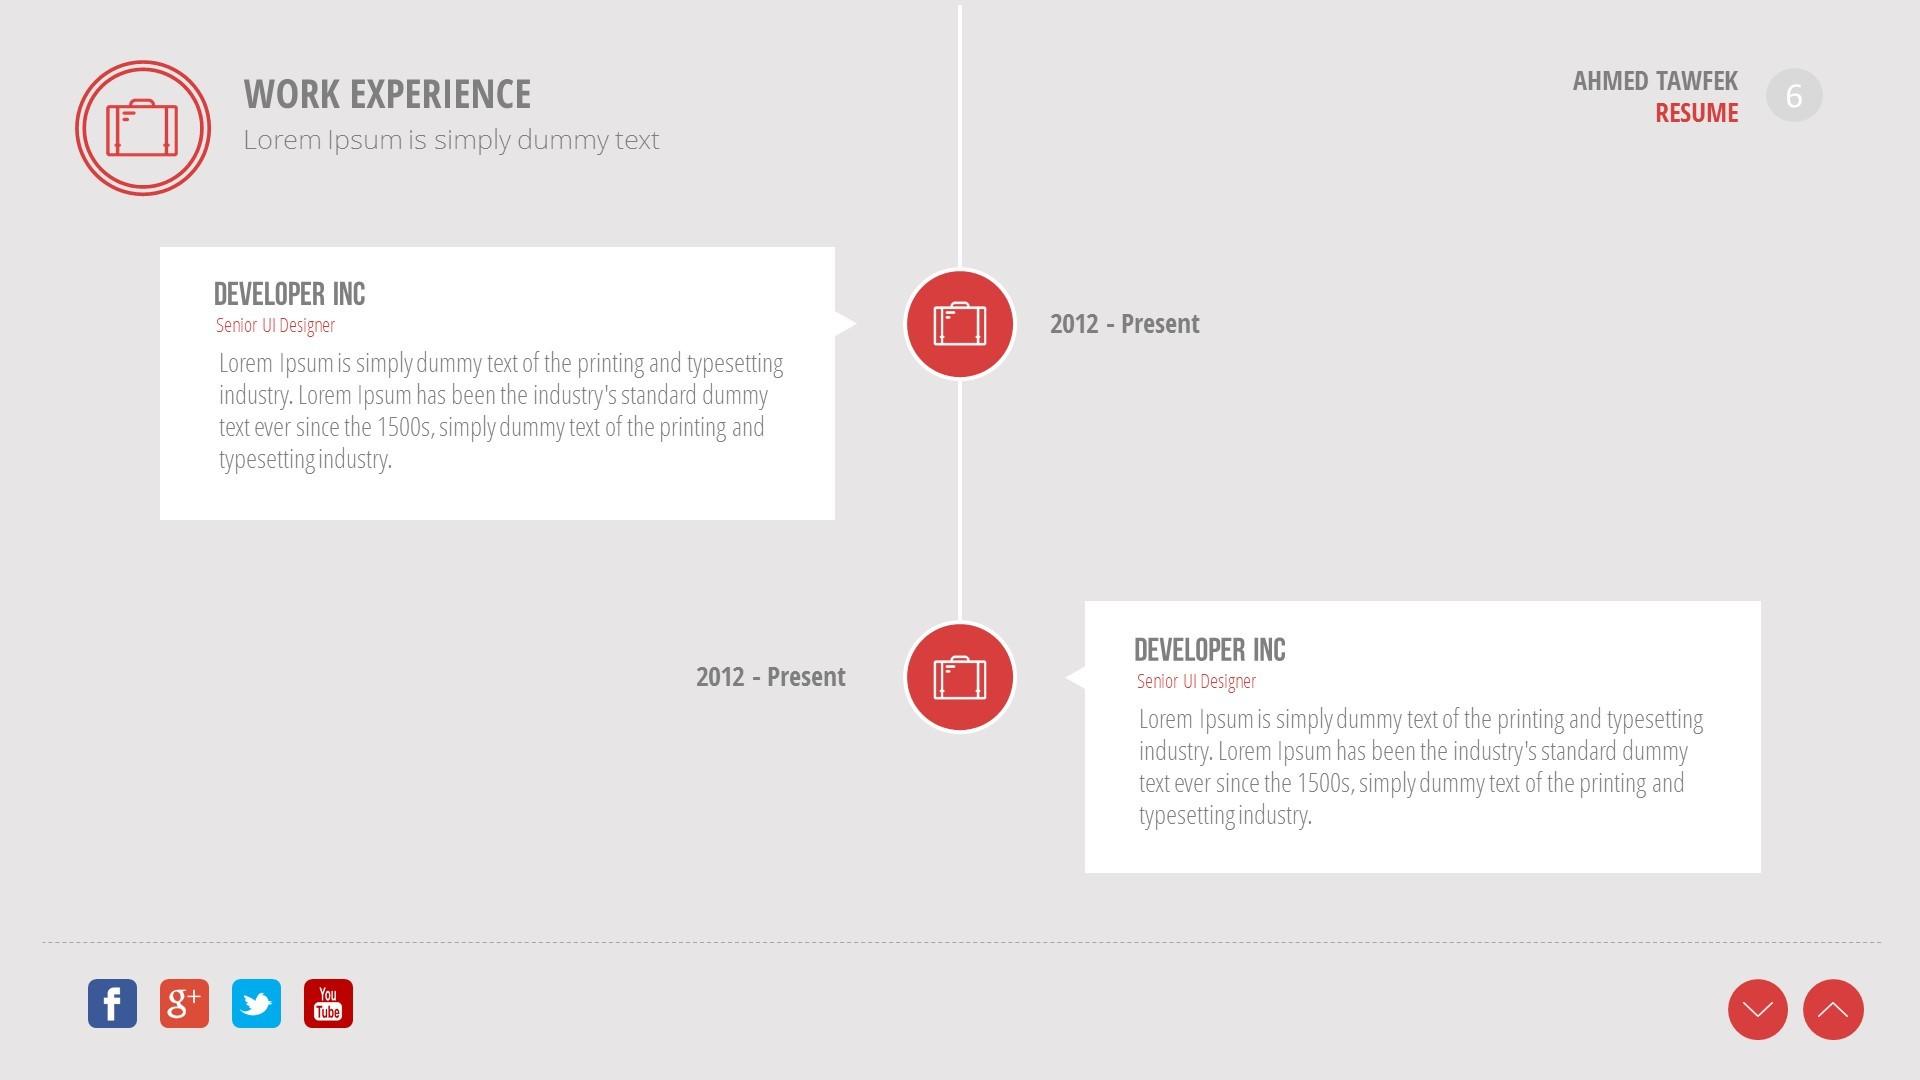 creative resume powerpoint template by ahmedtawfek